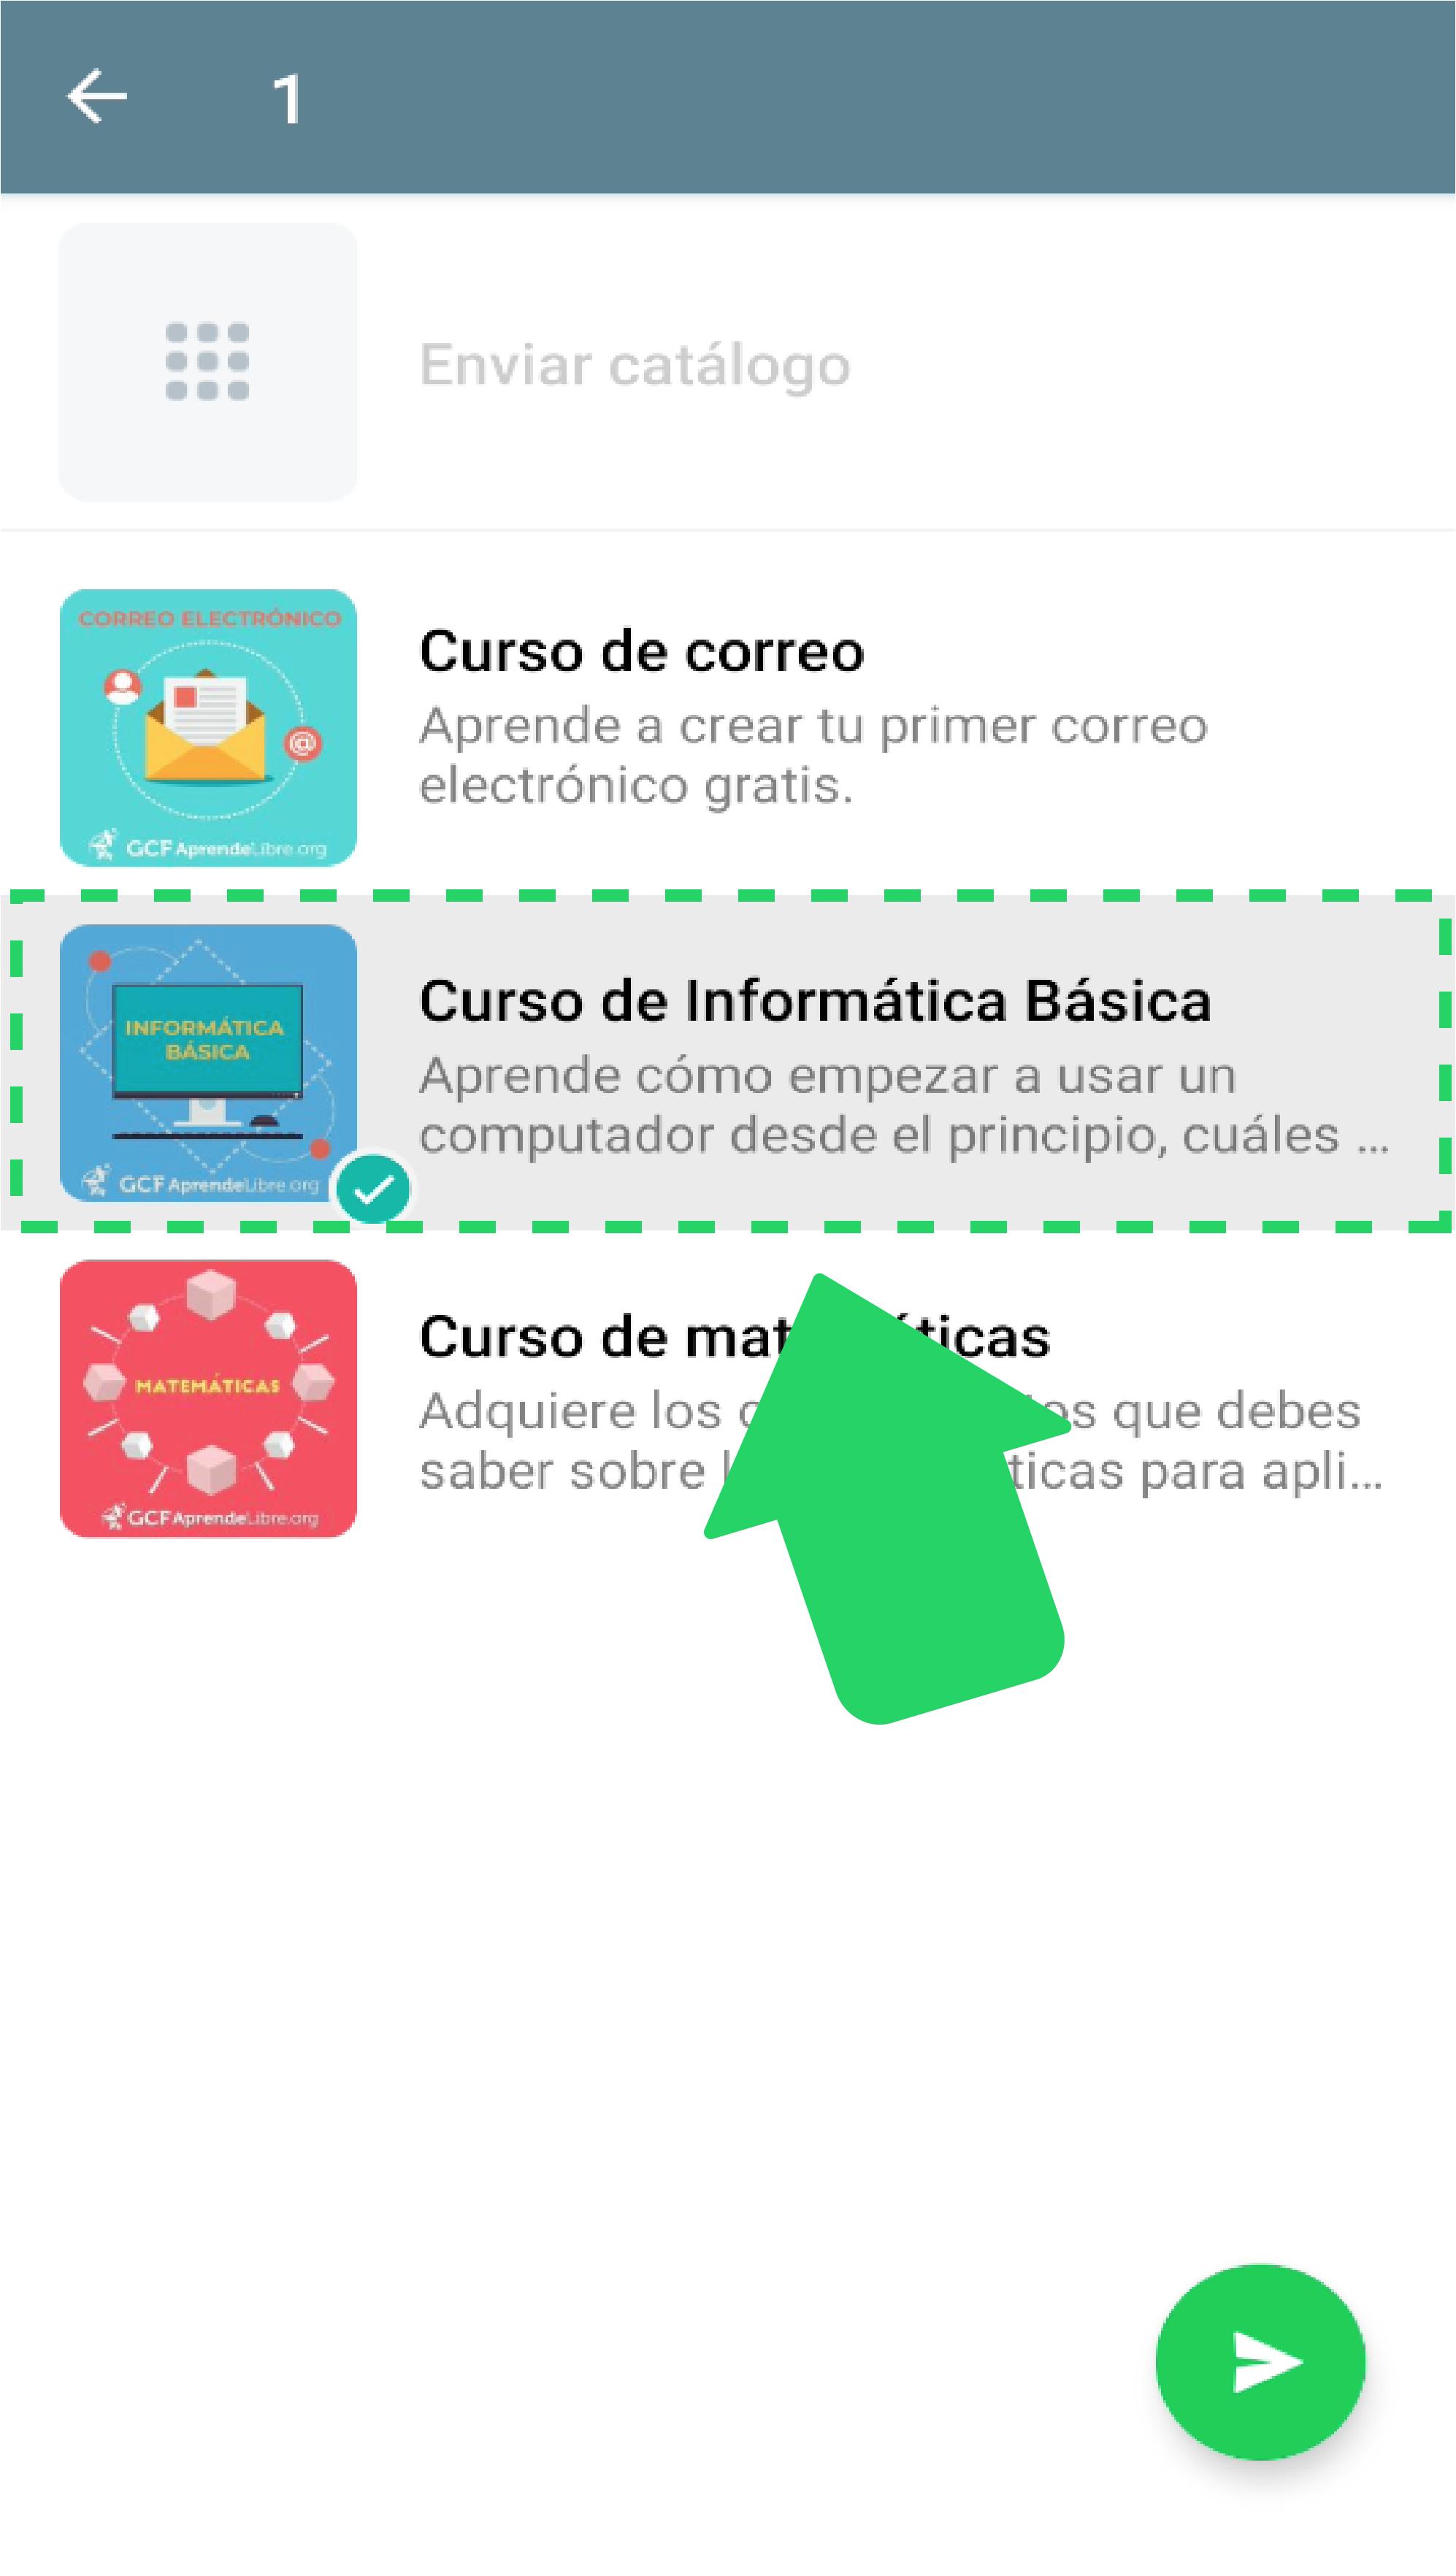 Paso 4:  Elige el producto o servicio que quieres compartir y envíalo oprimiendo el botón verde con un ícono de avión.  También puedes enviar el catálogo por completo si lo tienes disponible.